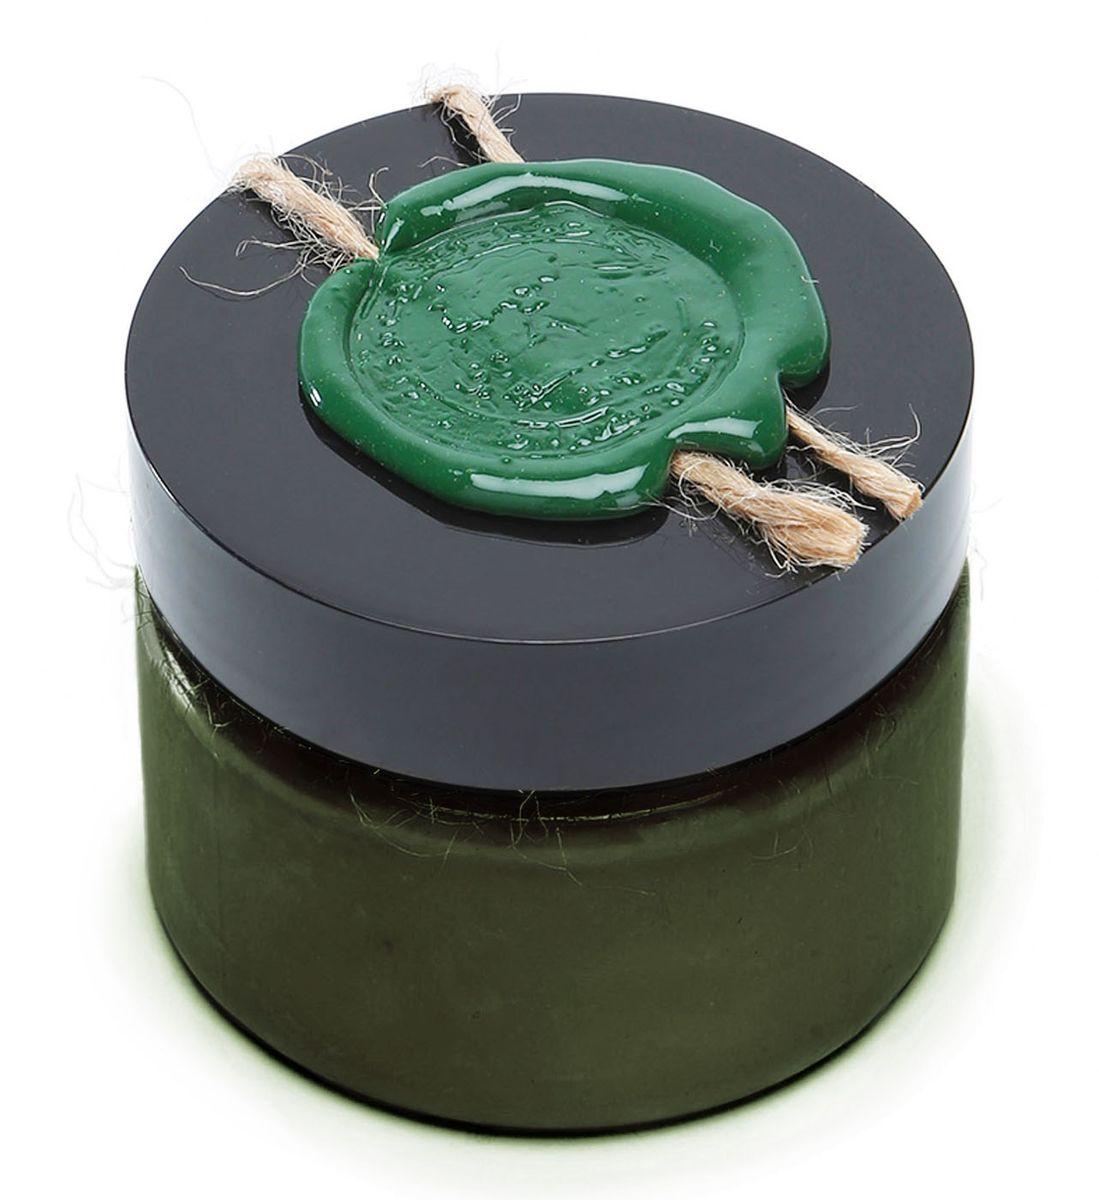 Huilargan Марокканское черное мыло Бельди с маслом эвкалипта, 100 г2990000004536Марокканское черное мыло Бельди обогащено маслом эвкалипта - это на все 100 натуральное косметическое мыло растительного происхождения. Это настоящее черное мыло - густая масса с приятным запахом, которая служит в 5 раз дольше аналогов, так как содержит меньше воды. Марокканское черное мыло - богато витамином Е, глубоко очищает кожу и поры, растворяет загрязнения и отмершие клетки; обладает увлажняющим, успокаивающим и смягчающим свойствами; подходит для всех типов кожи; не раздражает и не сушит кожу. В Марокко используют черное мыло в основном в хаммамах, но его также можно использовать в ванной.